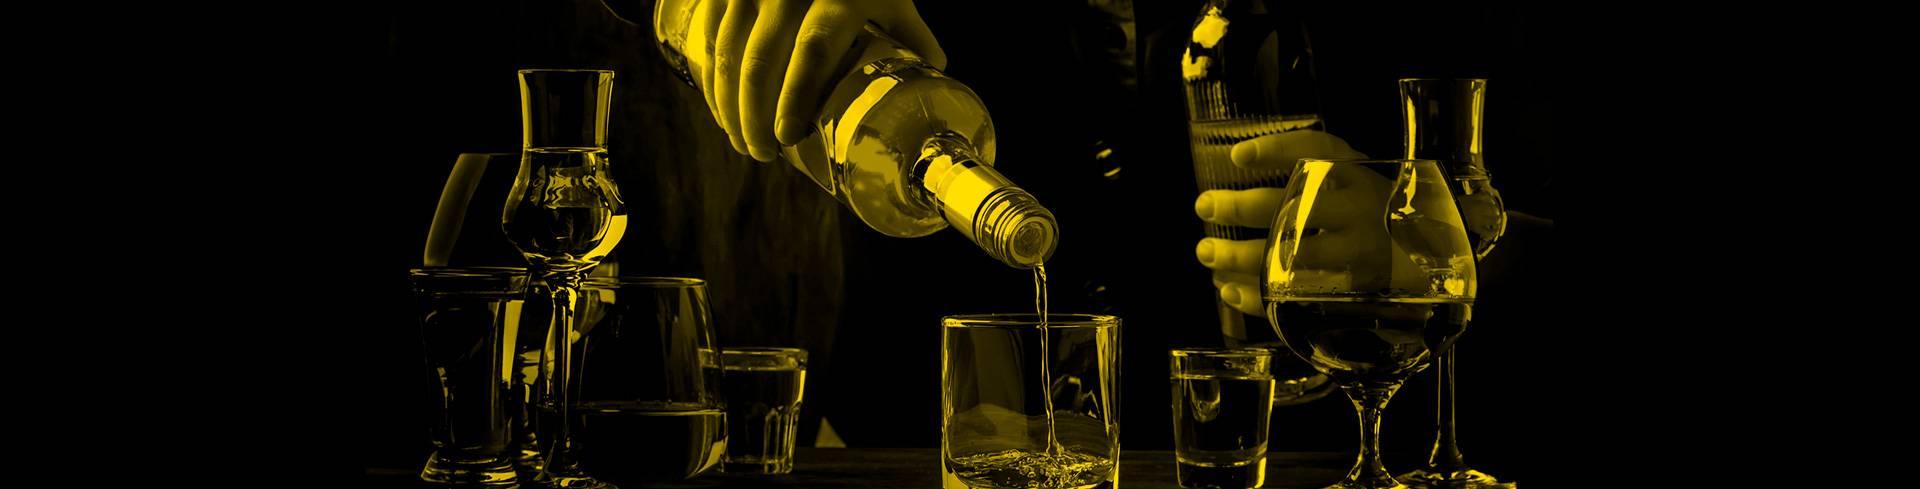 Destilación y Cata de Bebidas Espirituosas